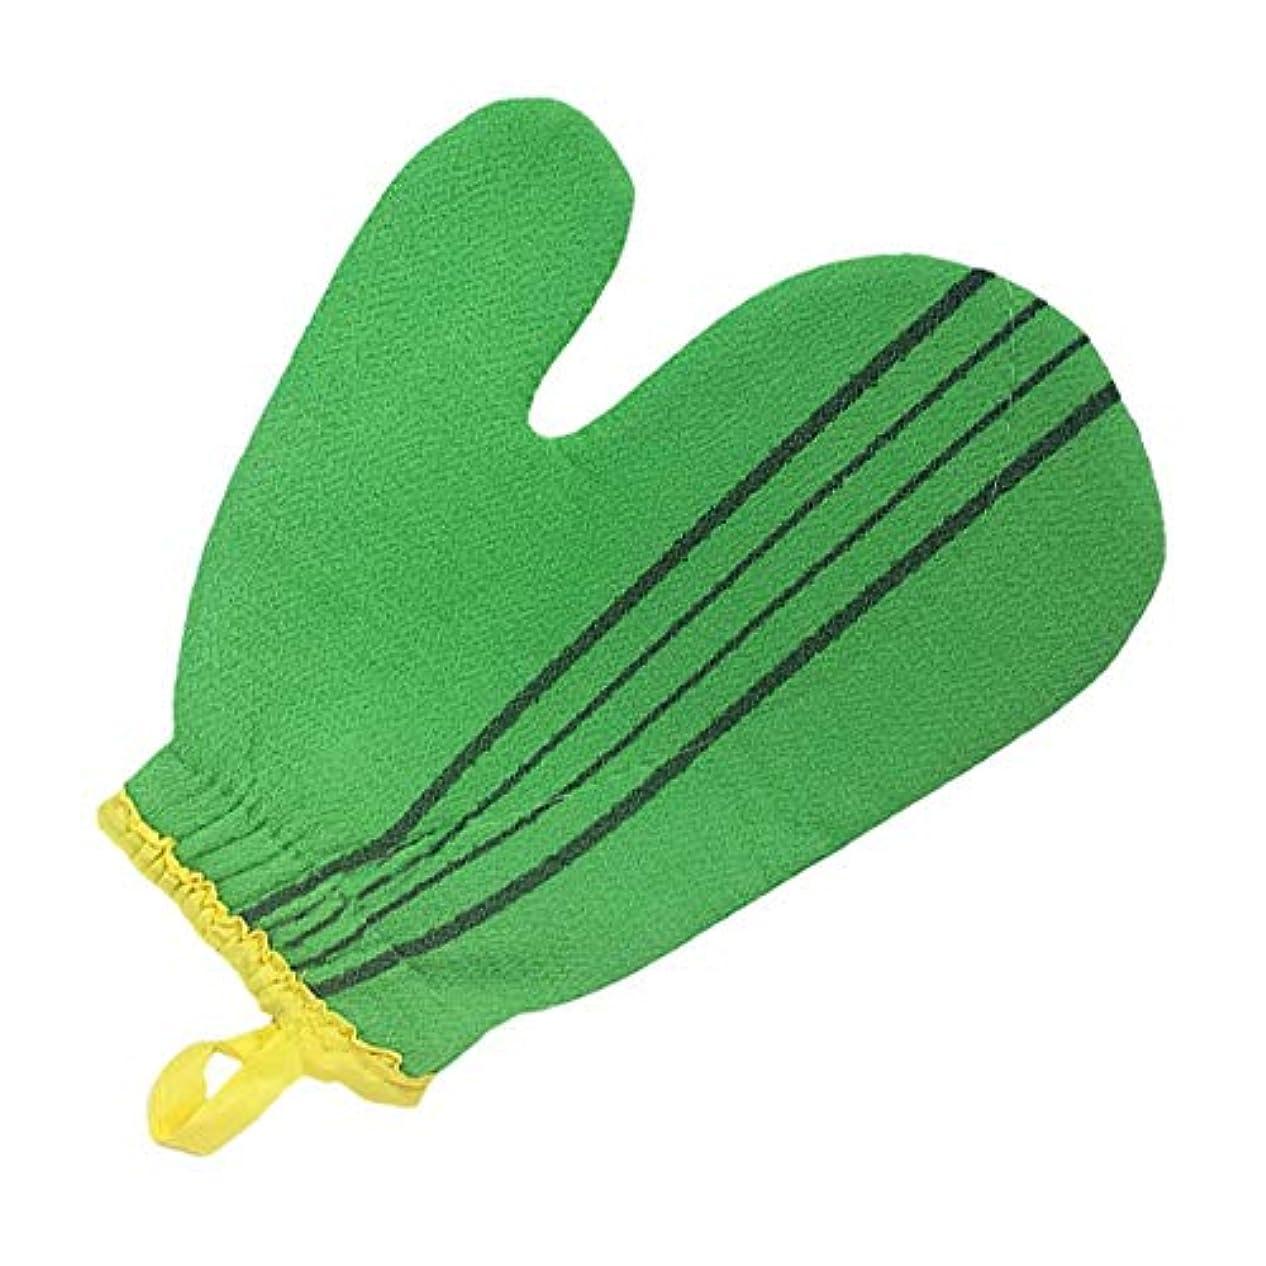 まあ各休日(韓国ブランド) 特大サイズ スポンジあかすり 手袋型 全身エステ 両面つばあかすり お風呂グッズ ボディタオル ボディースポンジ